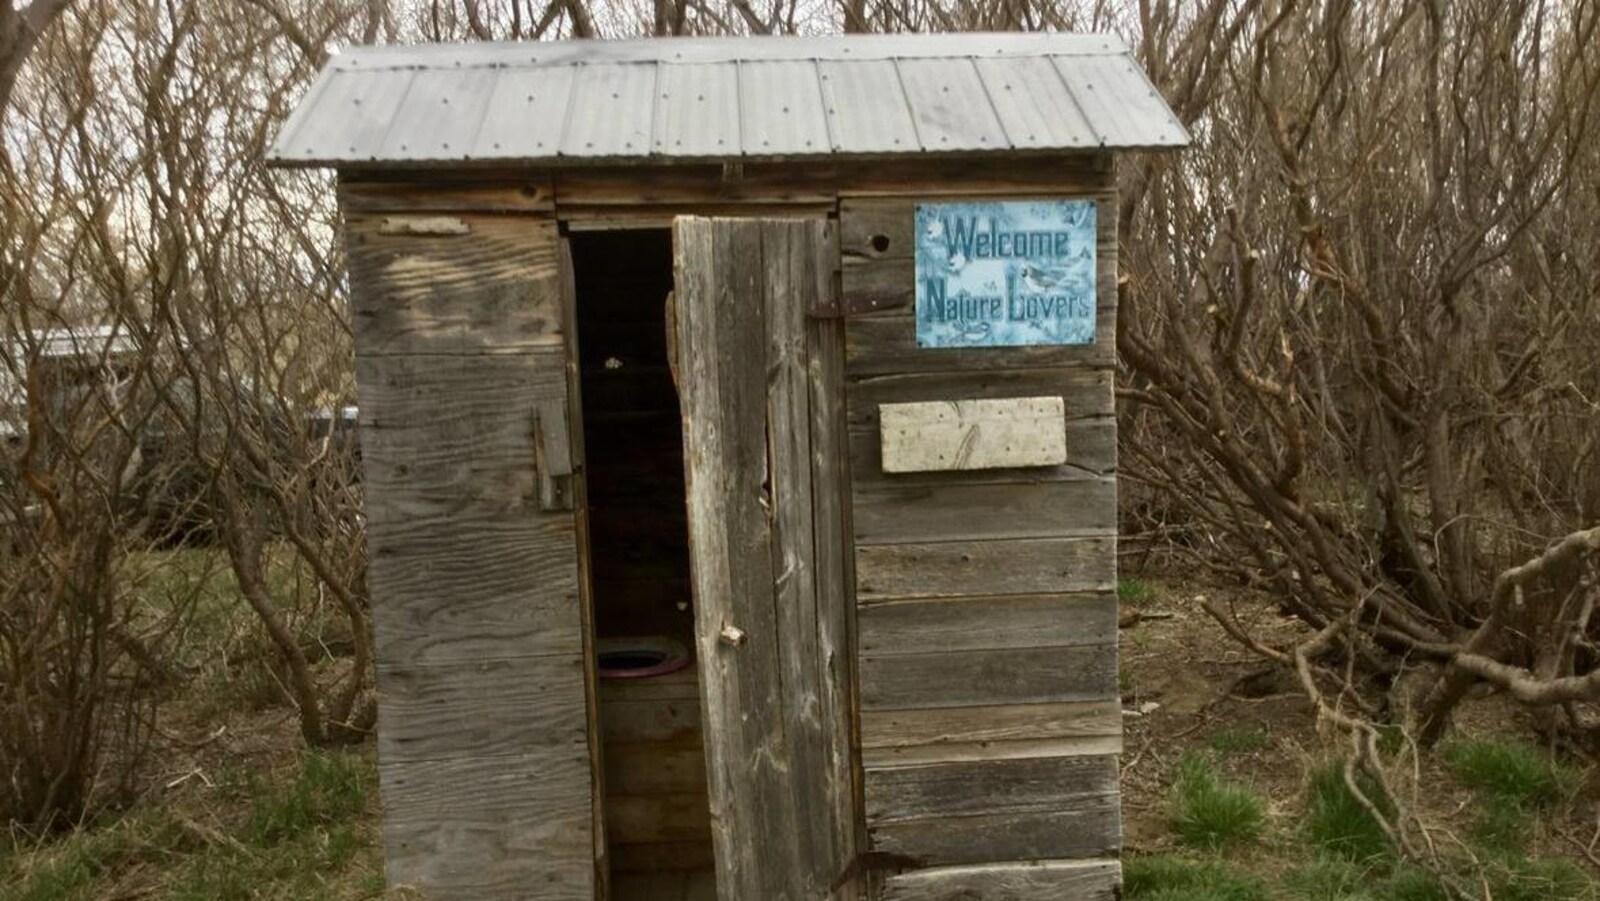 Une latrine en bois dans un bosquet.